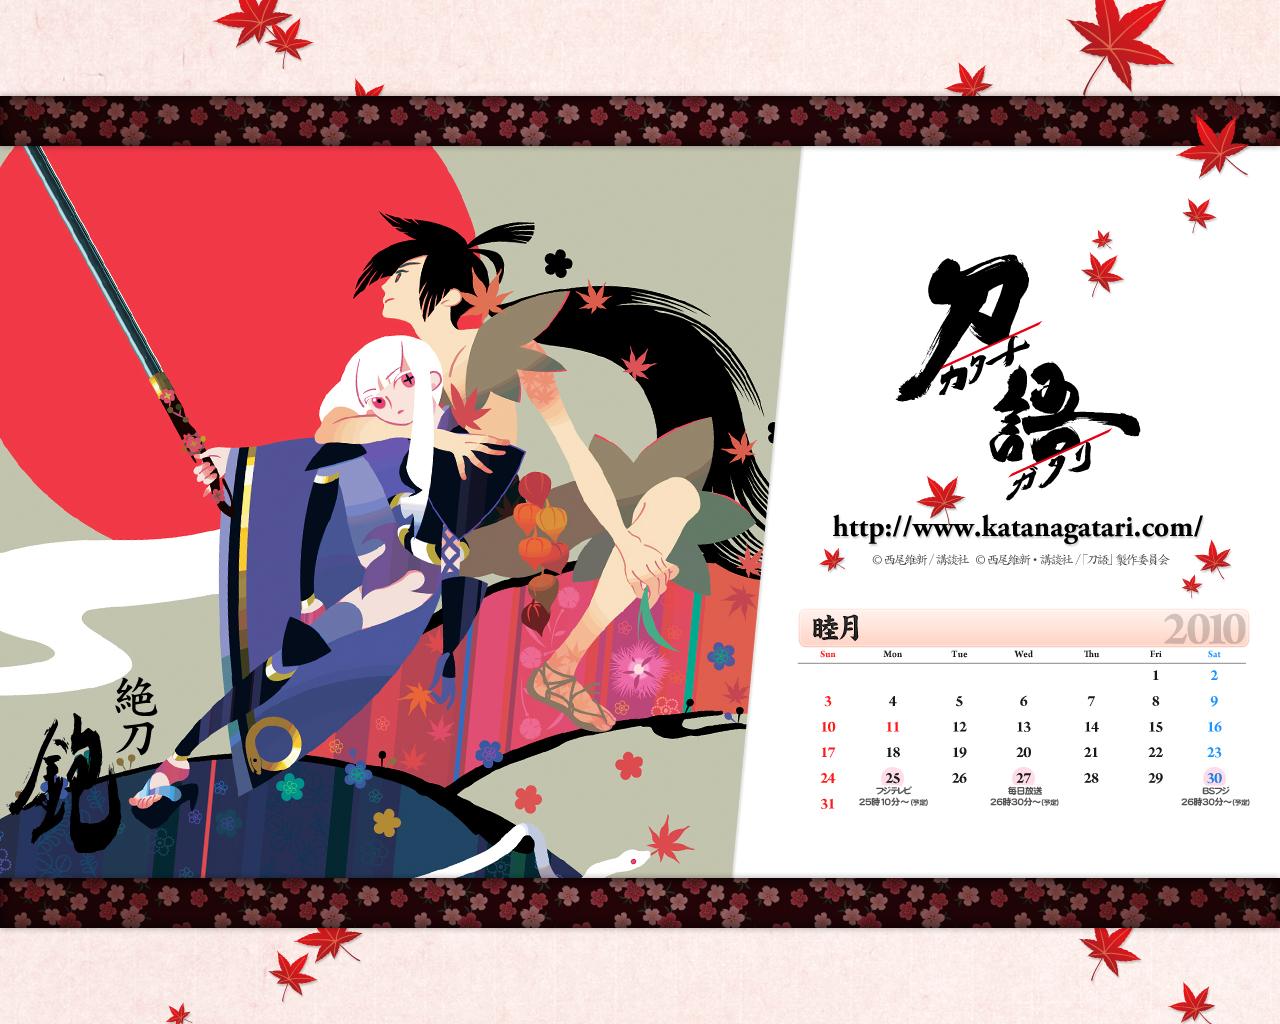 壁纸1280×1024ACG 2010年1月号精美官方壁纸 壁纸3壁纸 ACG 2010年壁纸图片动漫壁纸动漫图片素材桌面壁纸